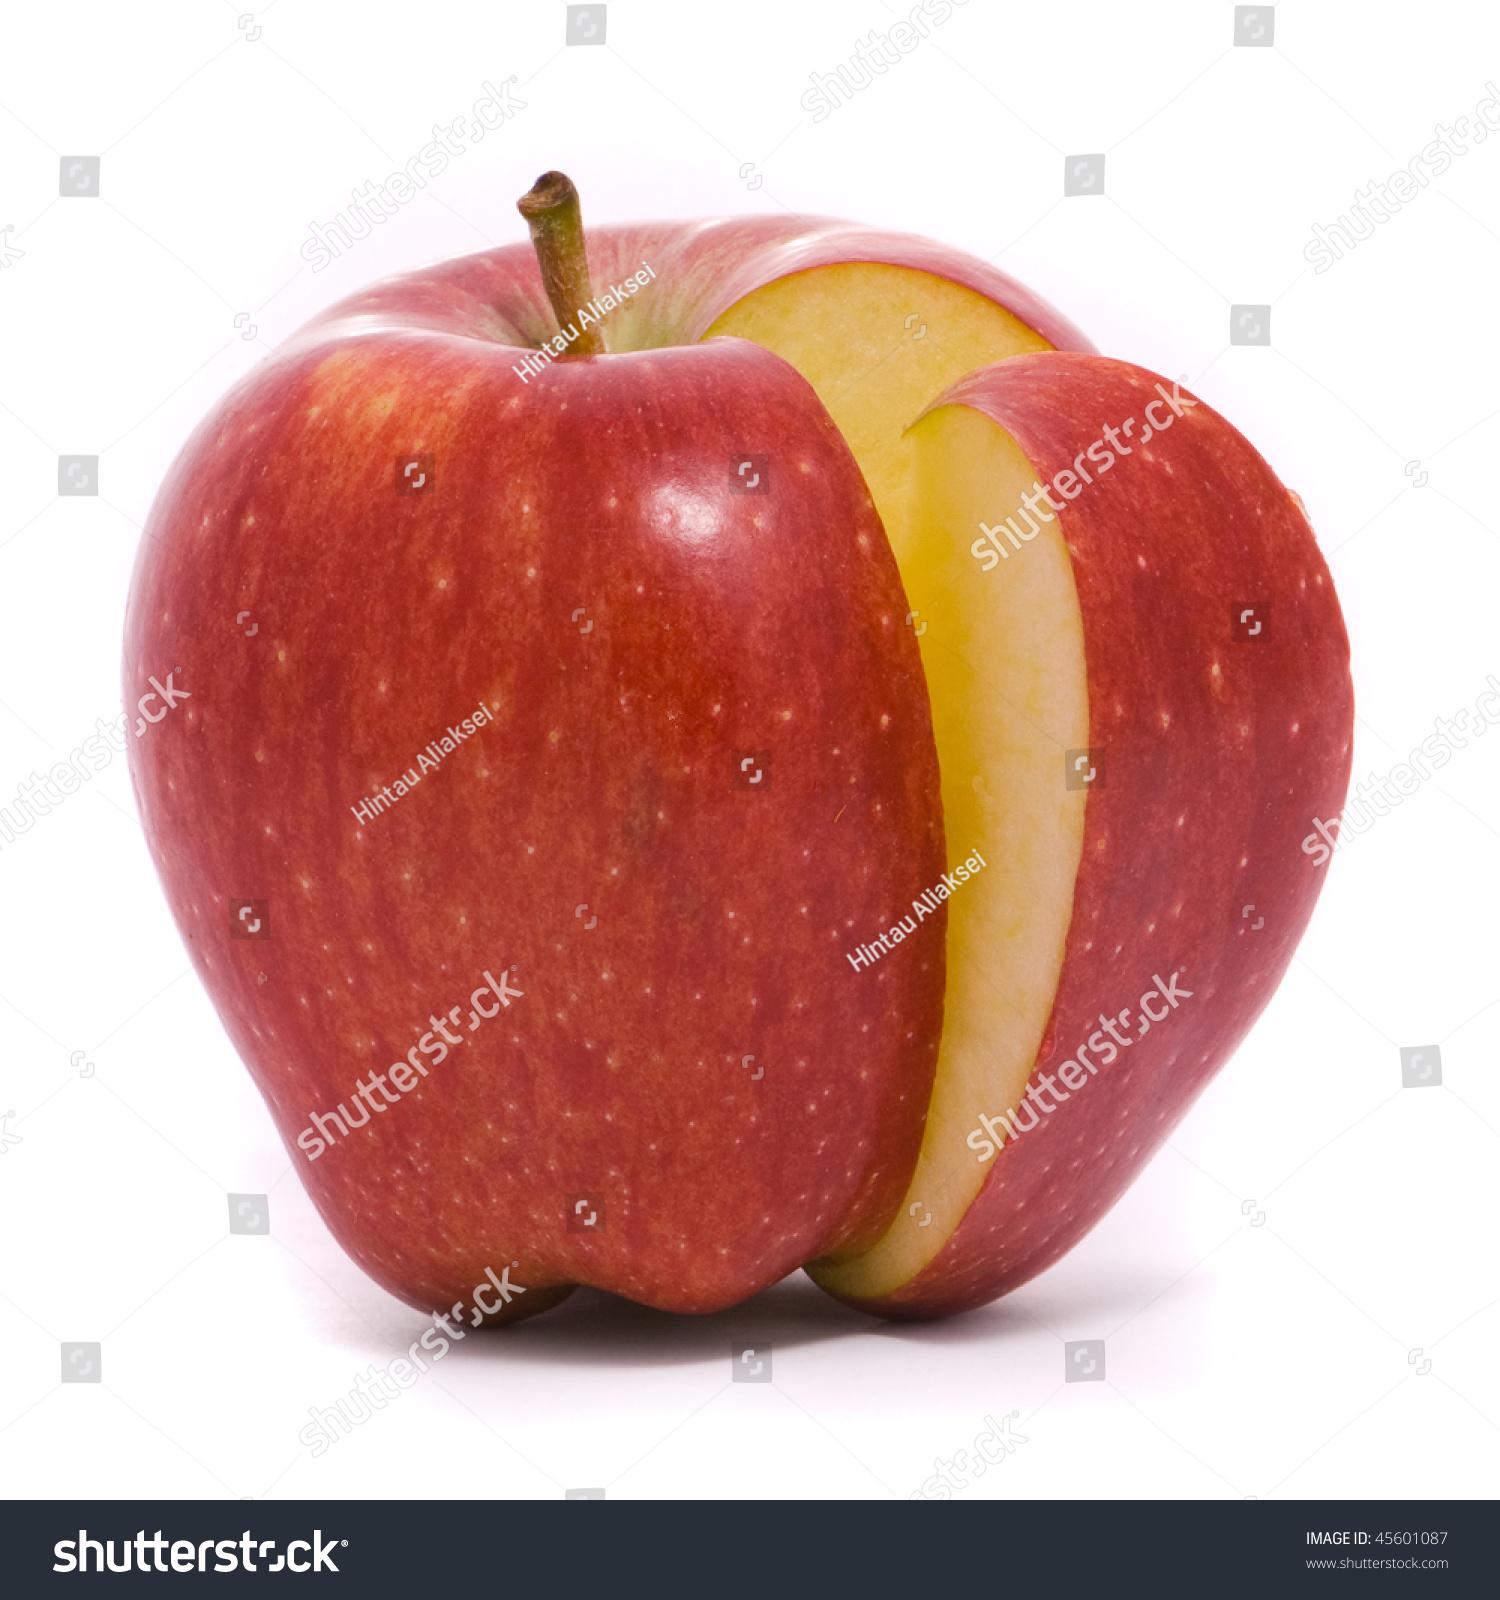 白底切红熟苹果-食品及饮料,物体-海洛创意(hellorf)